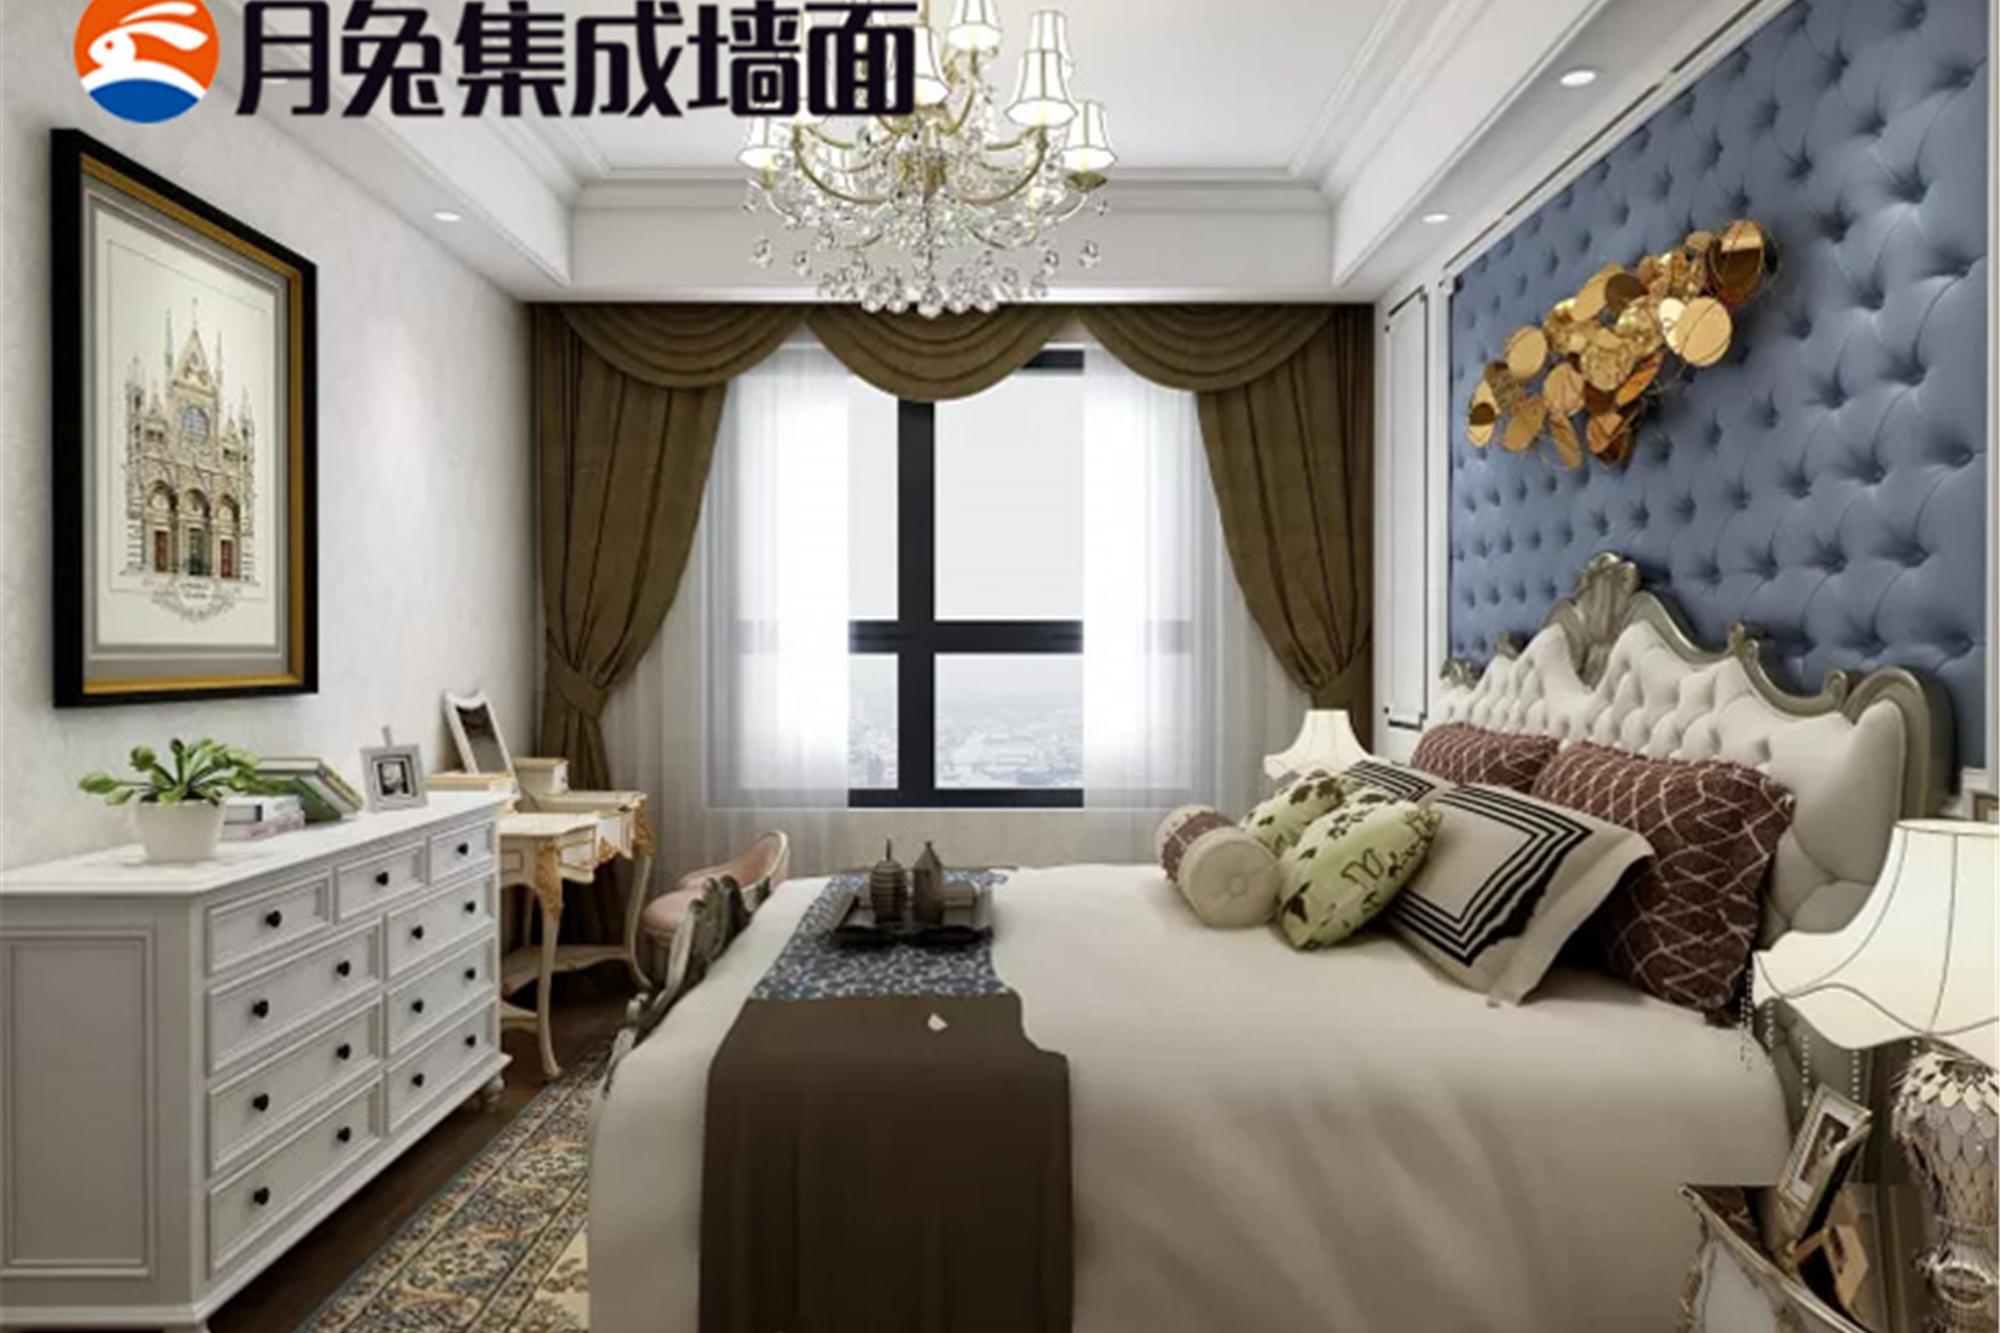 月兔集成墙面全屋整装打造一体化装饰,透明化装修避免装修陷阱